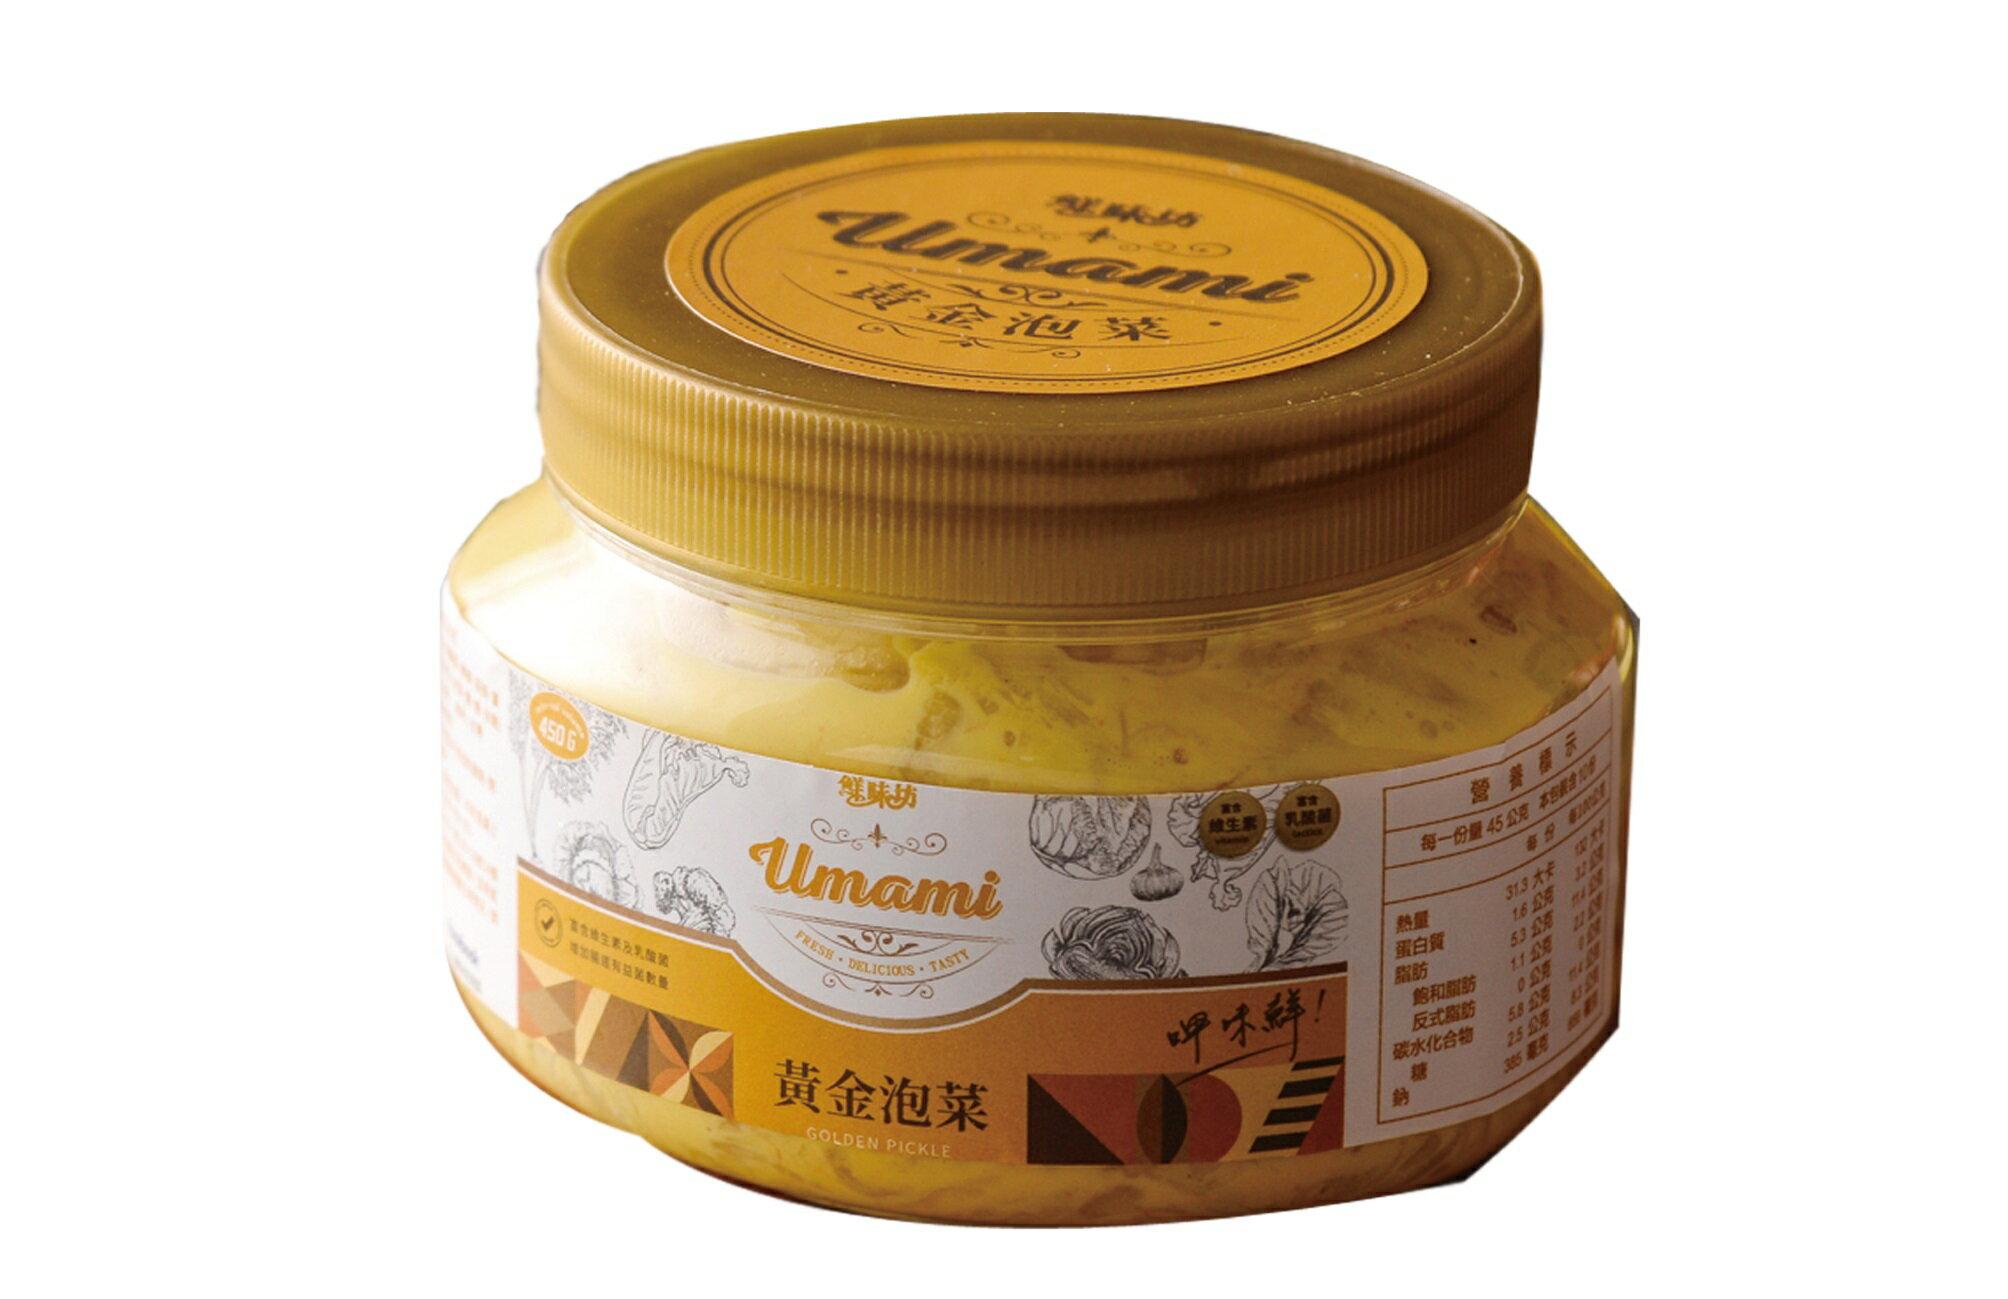 鮮味坊-黃金泡菜  450克 添加檸檬,香氣清新爽口,輕鬆解膩無負擔